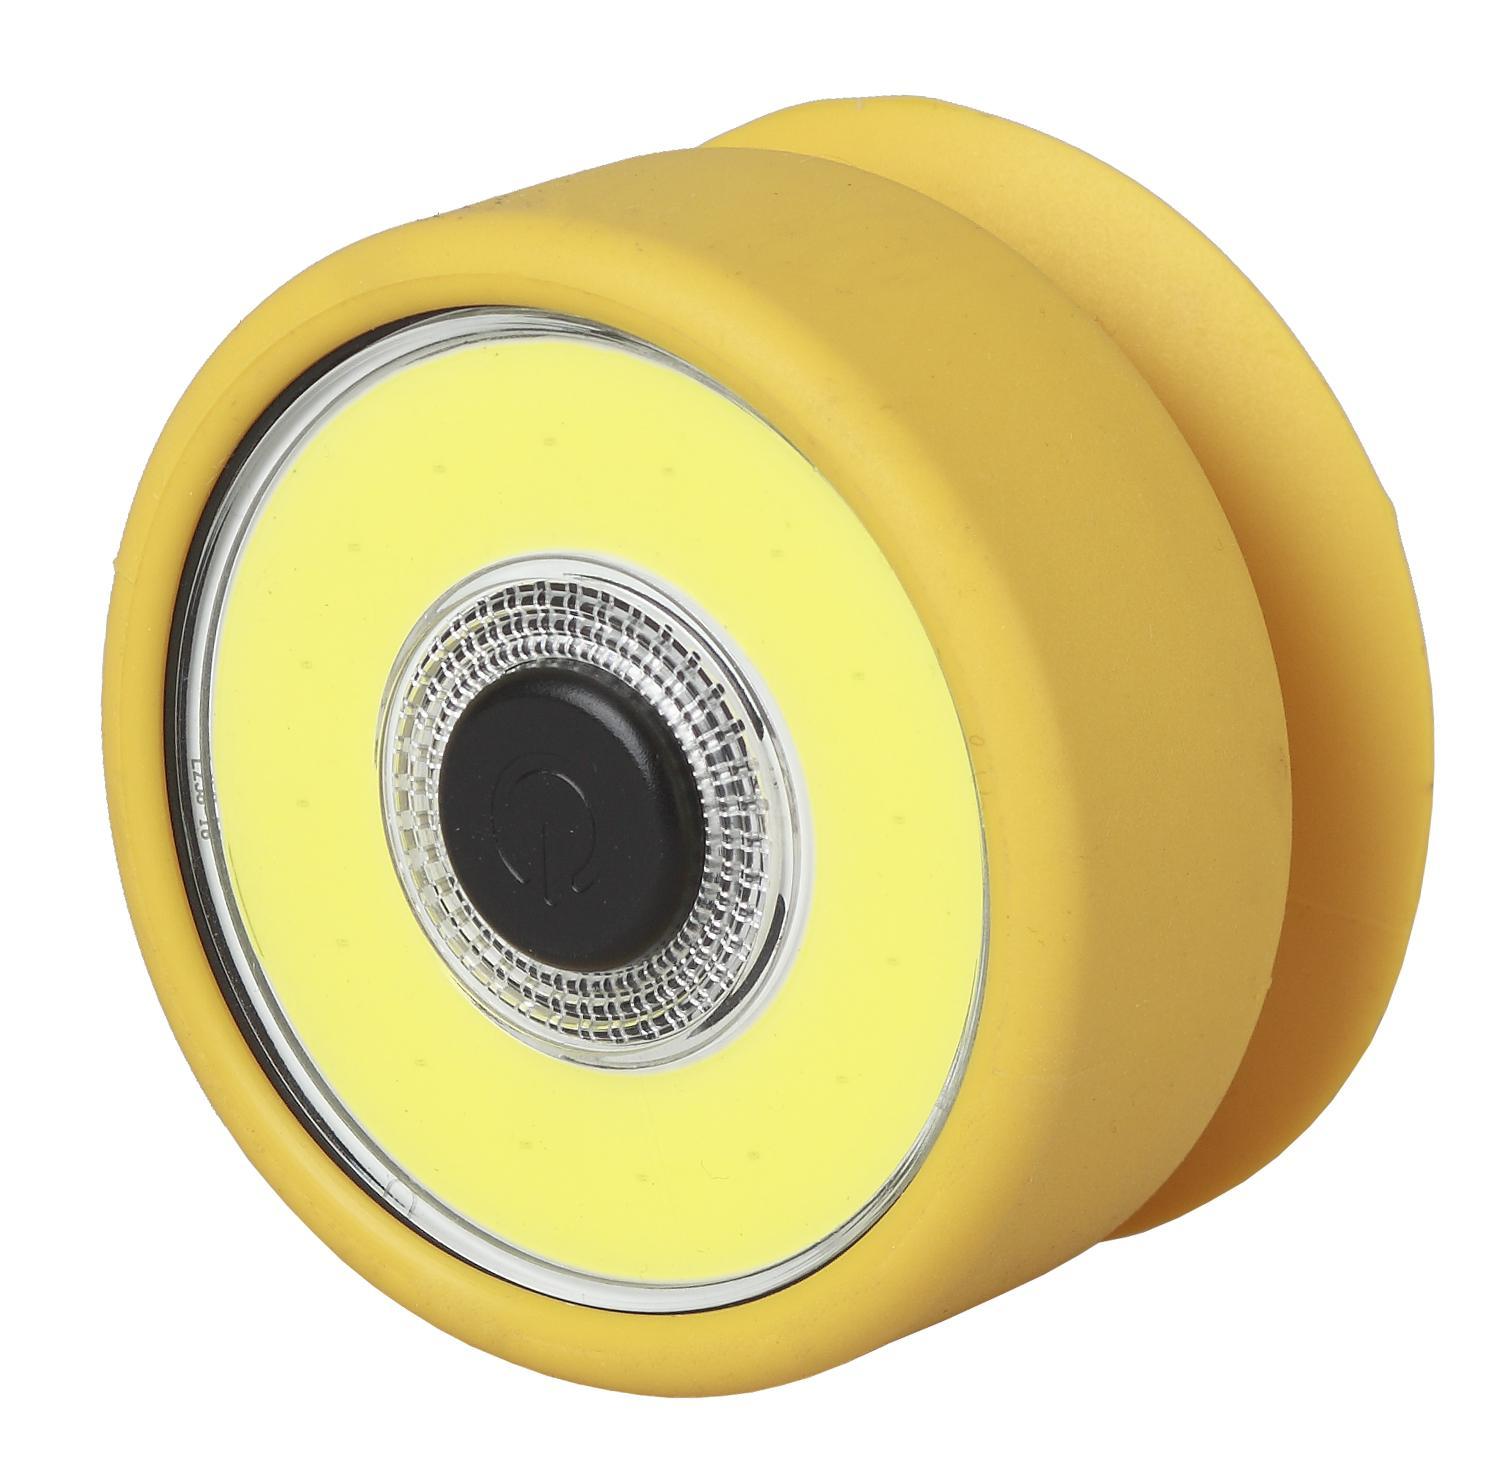 Фонарь ЭРА Rb-703 фонарь брелок эра 1xled с лазерной указкой